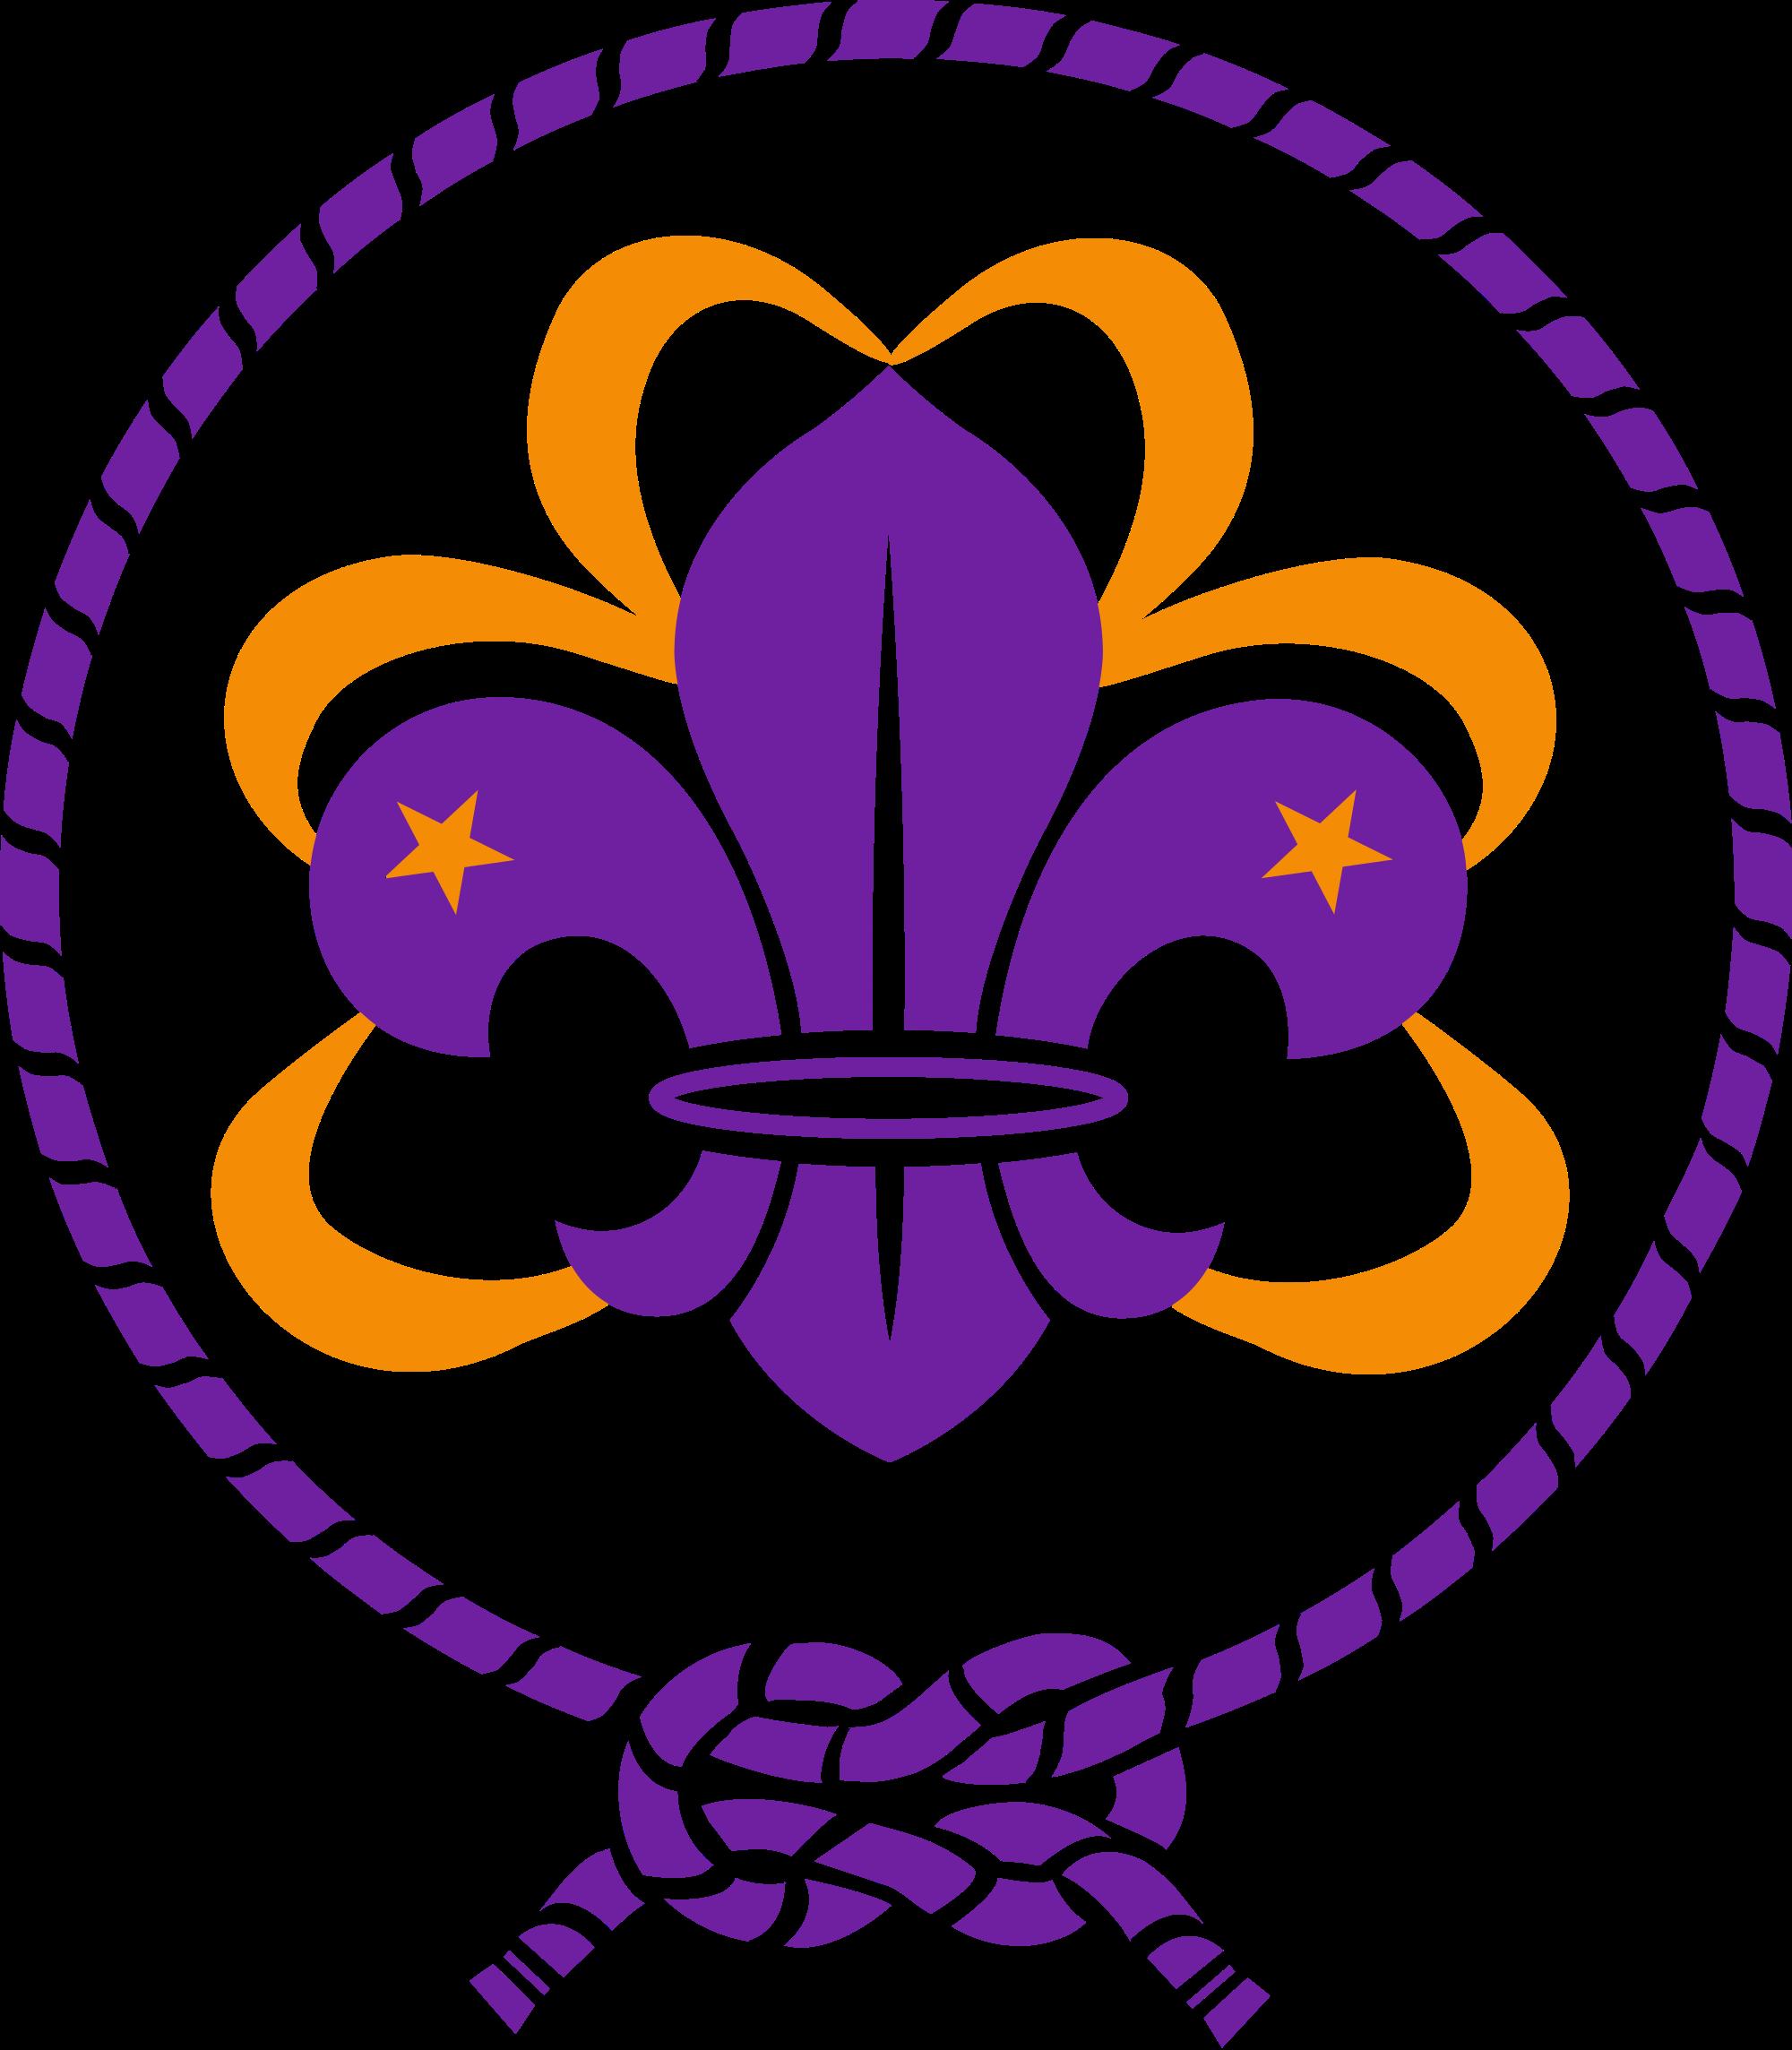 Logo Wosm Png